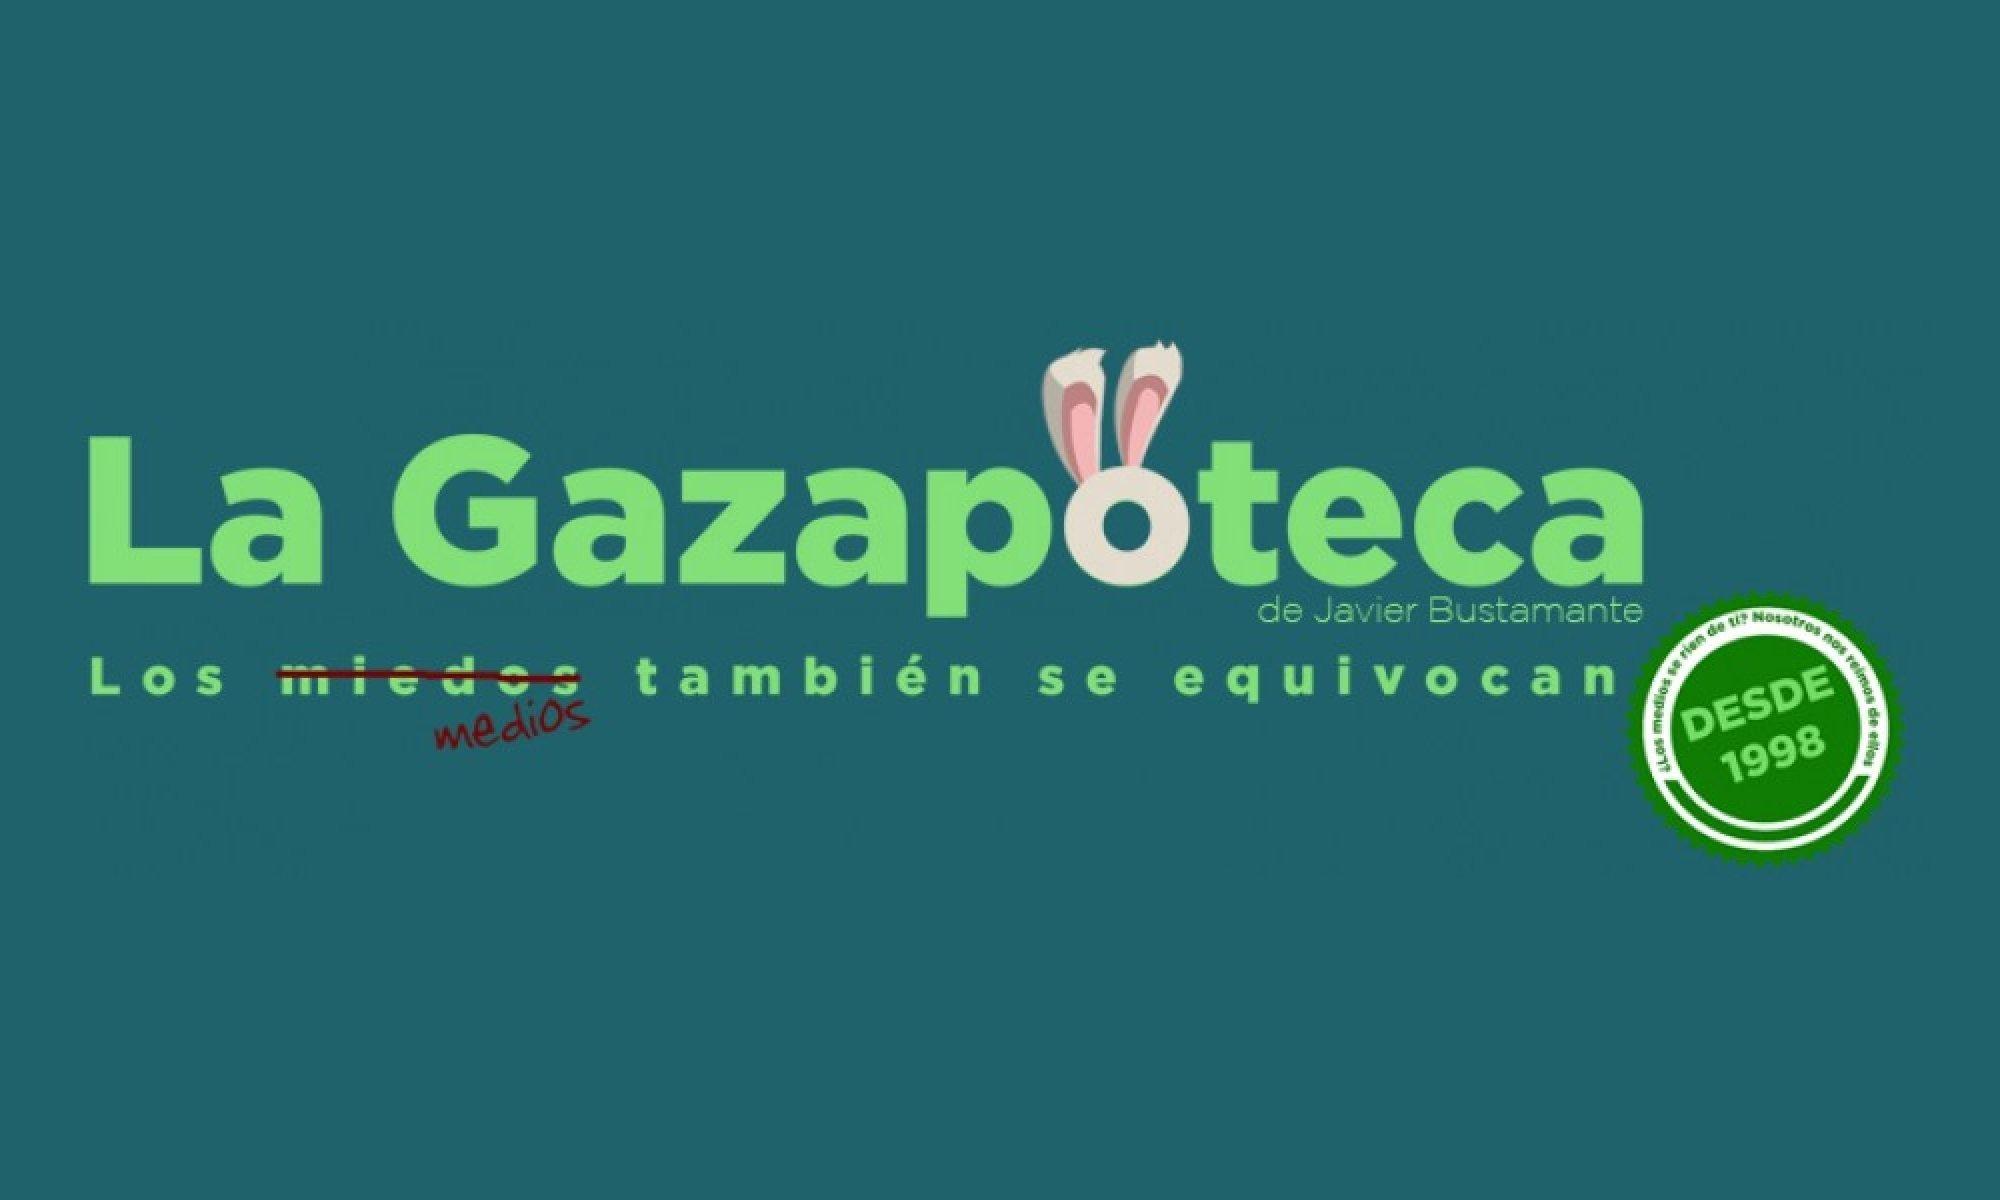 La Gazapoteca de Javier Bustamante